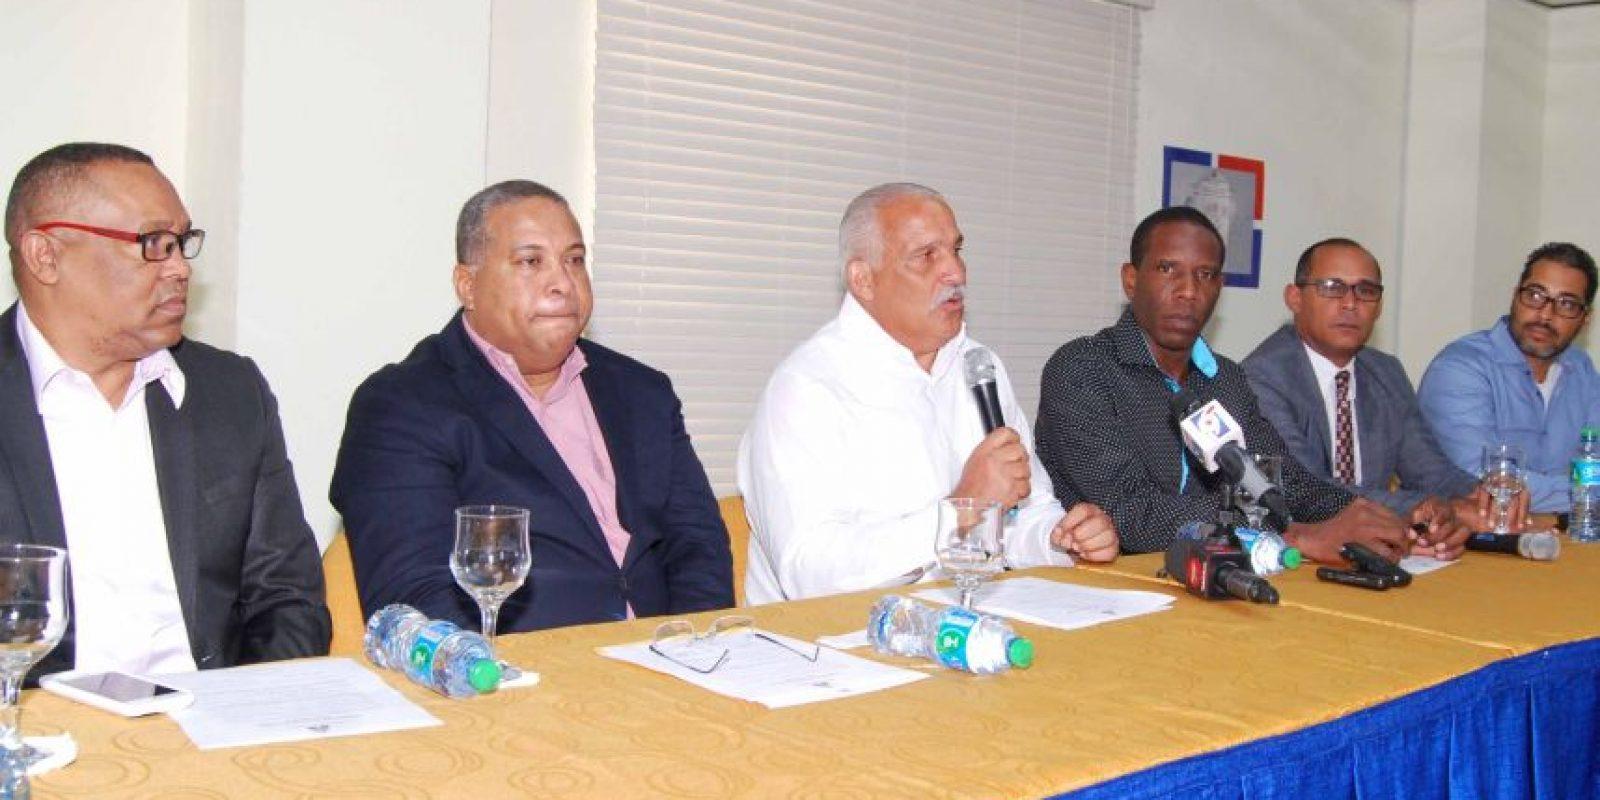 El ministro Jaime David Fernández Mirabal, Héctor –Tito- Pereyra y Gardy Cyriaque Prophete firman el acurdo. Foto:Fuente Externa